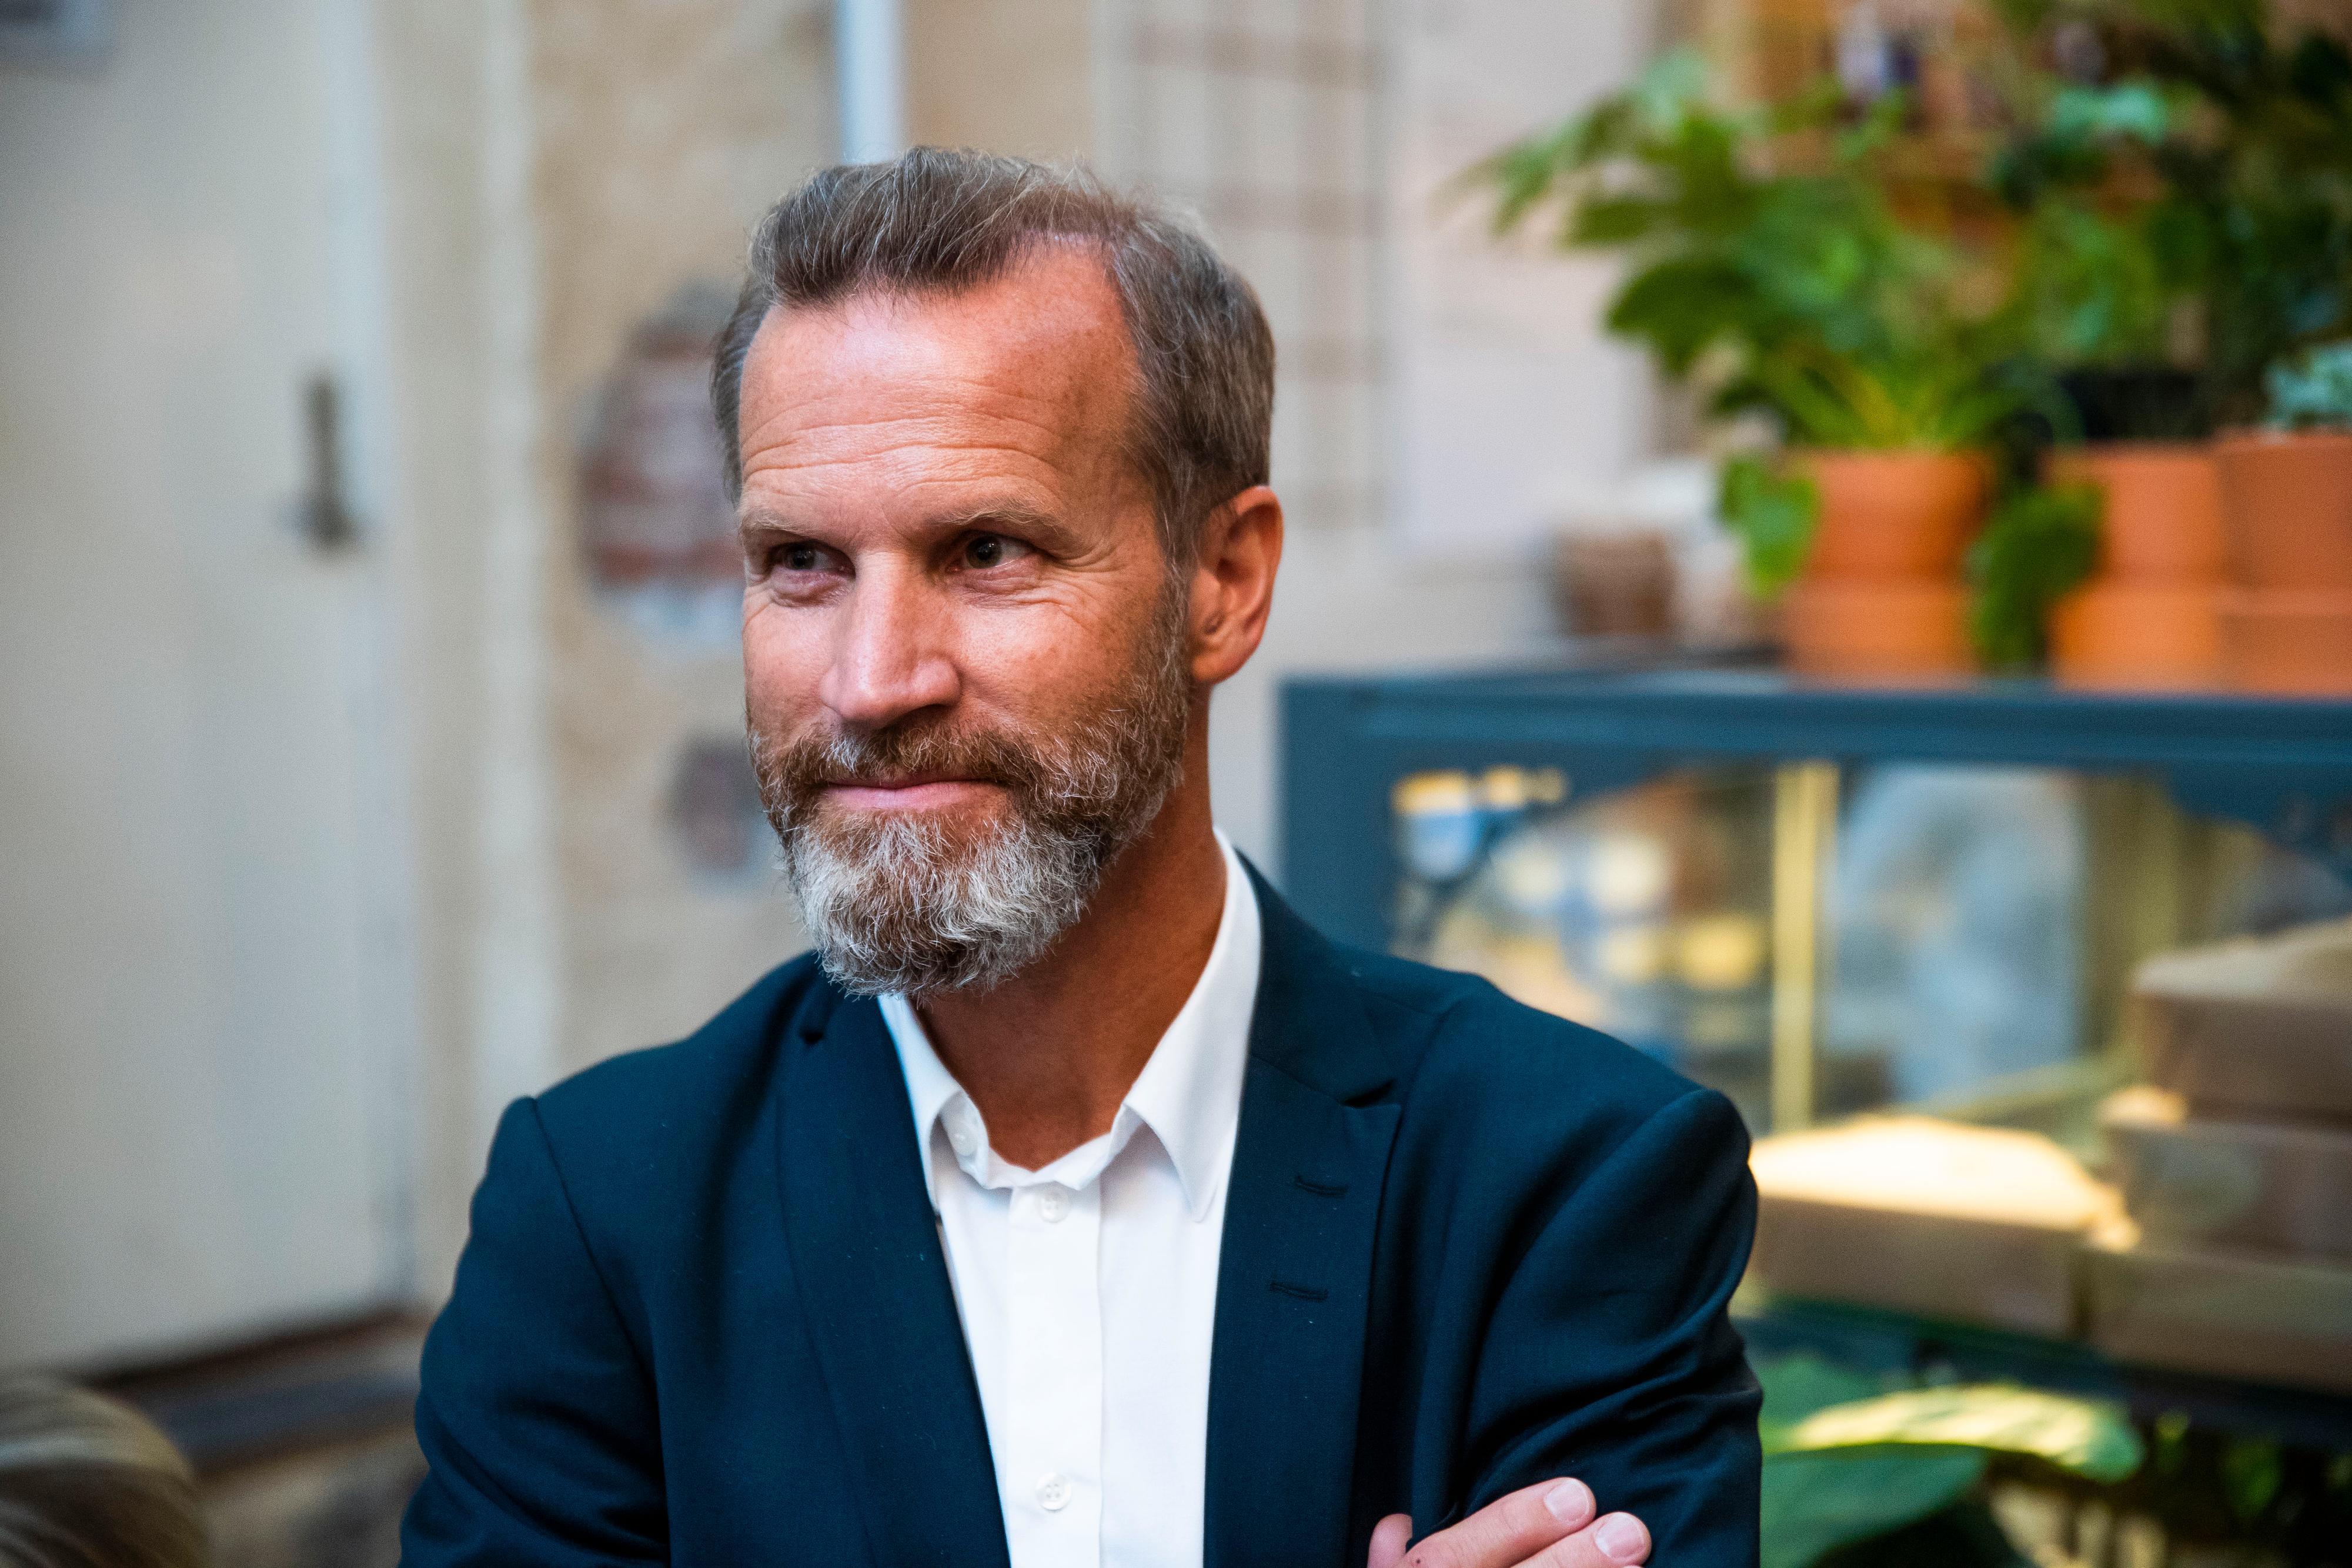 Kommunikasjonssjef Anders Krokan i Telenor sier de jobber for fullt med å løse problemet.